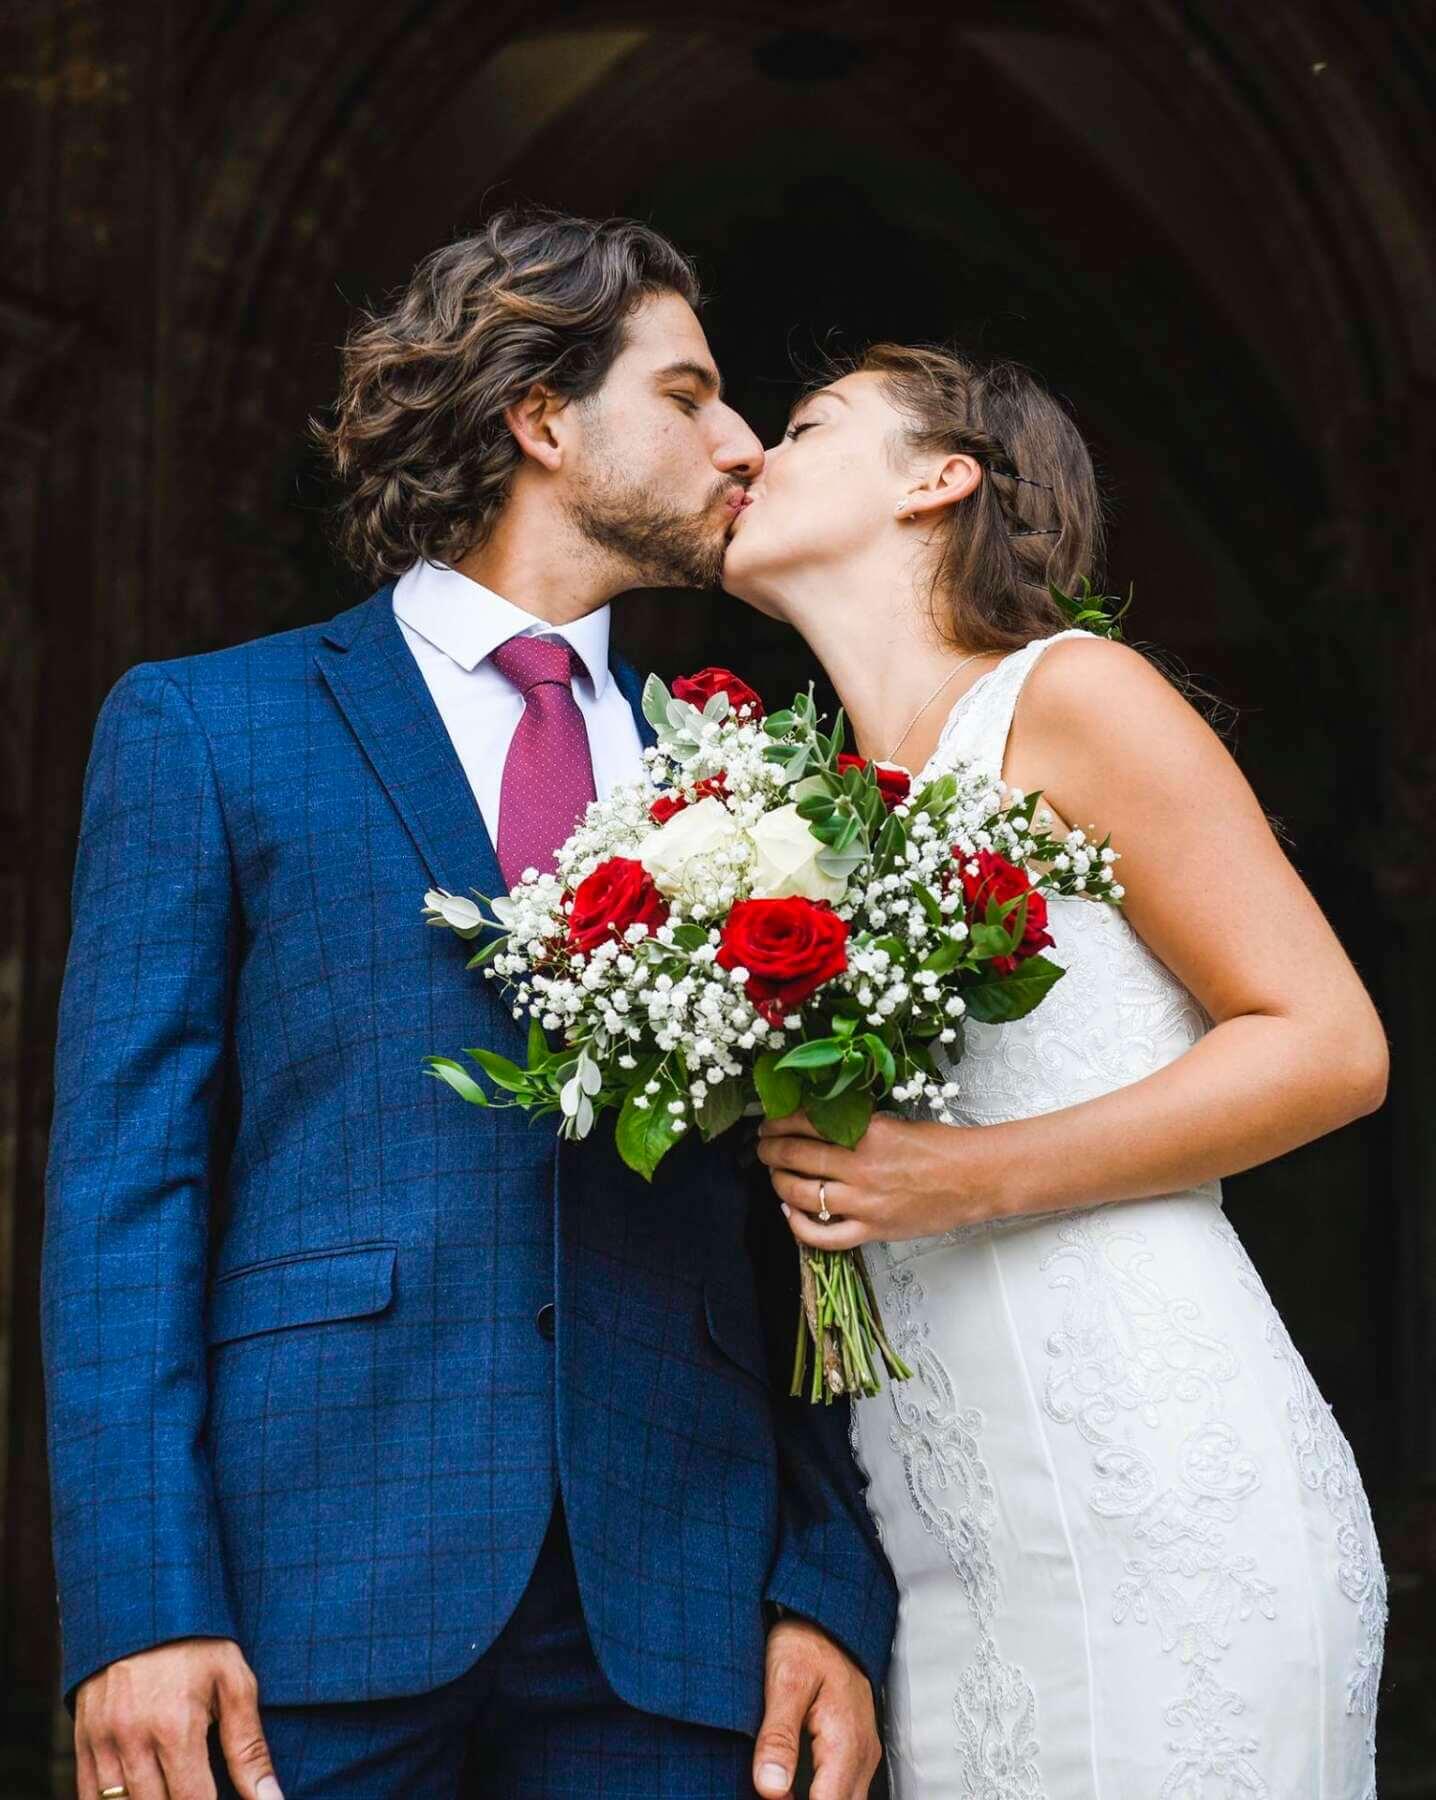 jak przebiega ślub kościelny - Jak przebiega ślub kościelny - poradnik krok po kroku